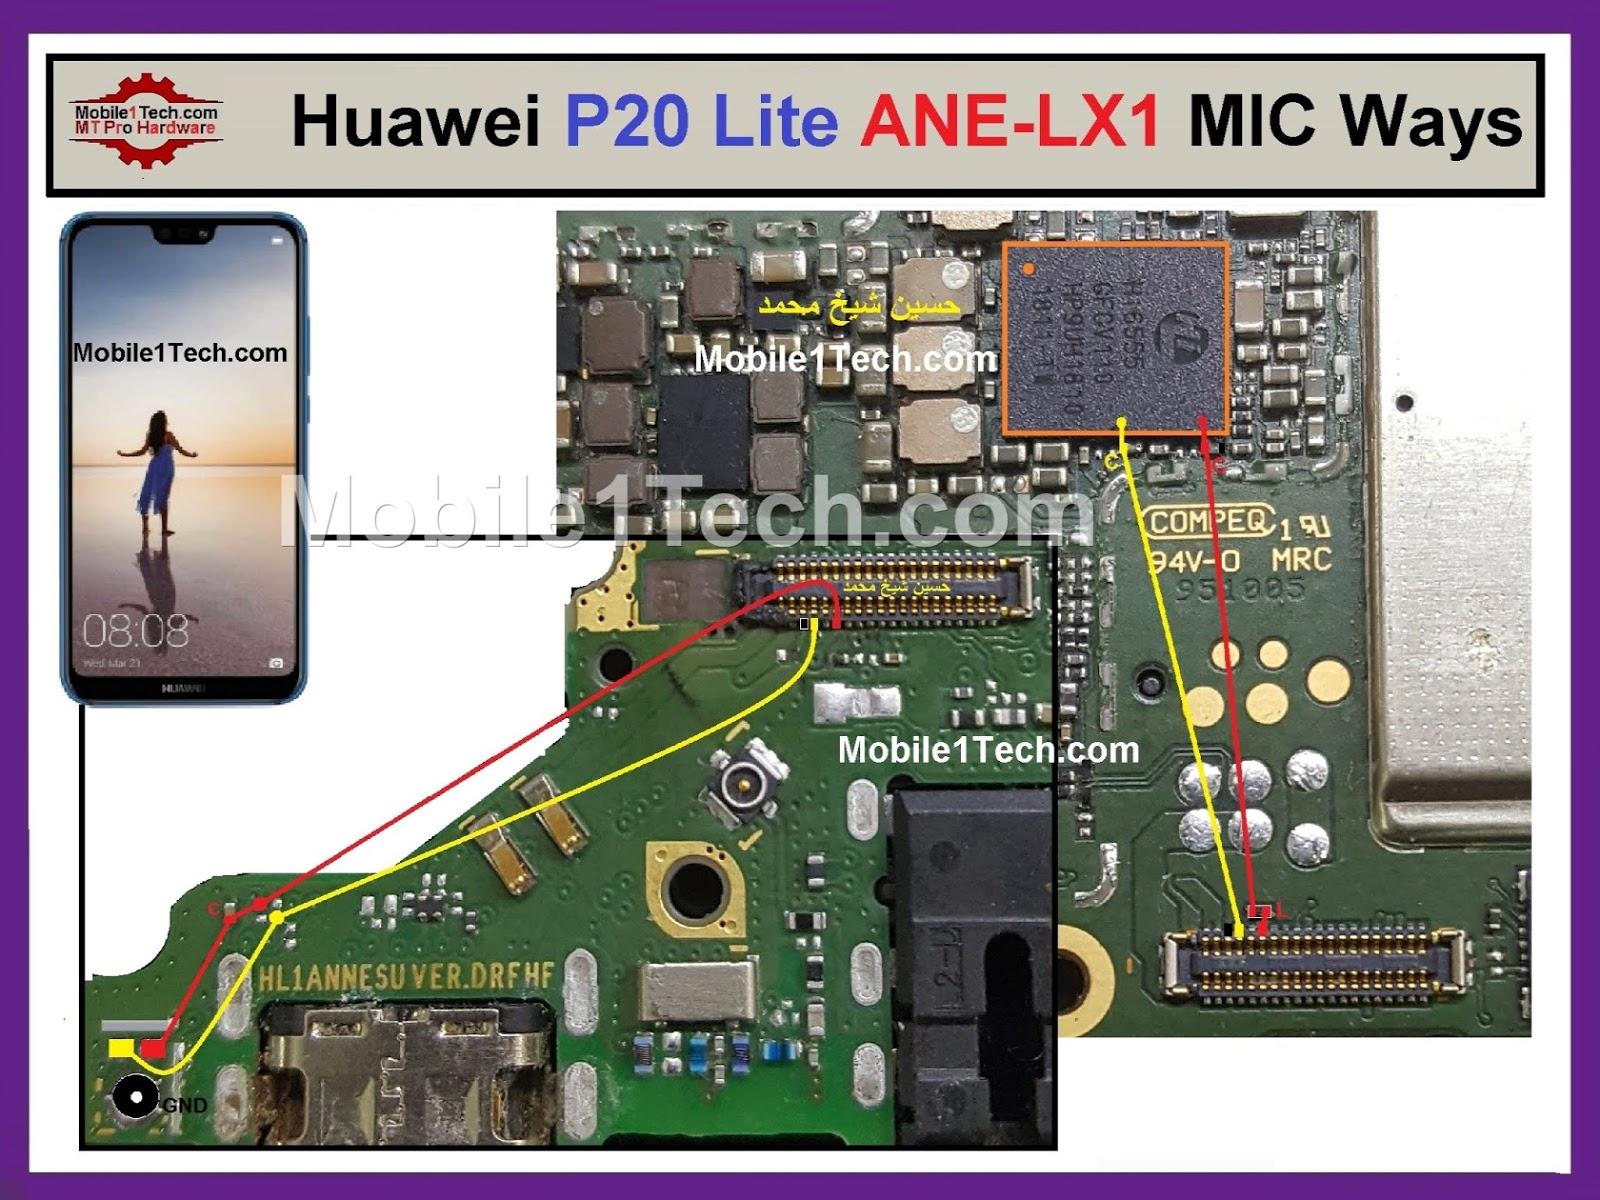 Huawei P20 Lite MIC Ways